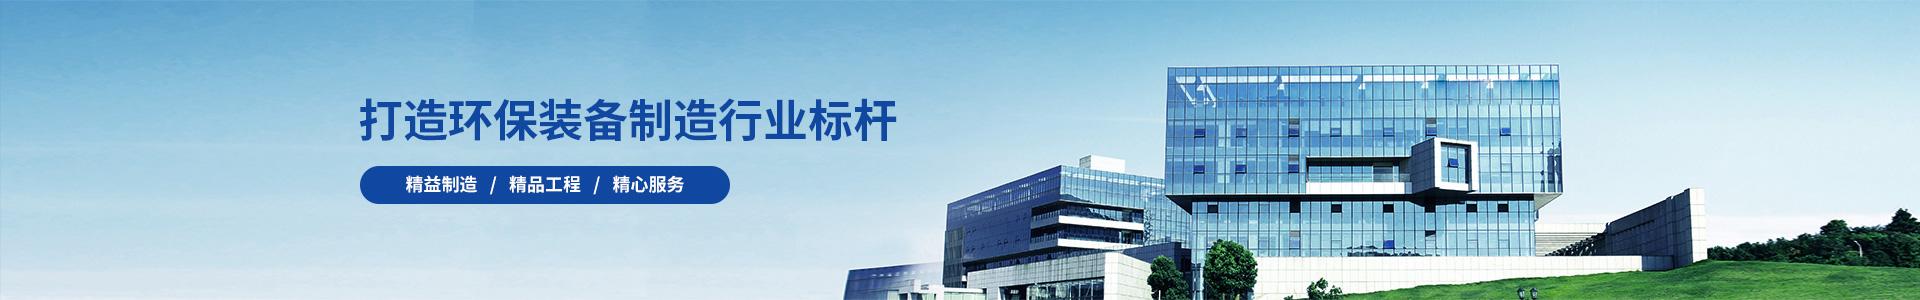 潍坊久润raybetapp下载工程有限公司